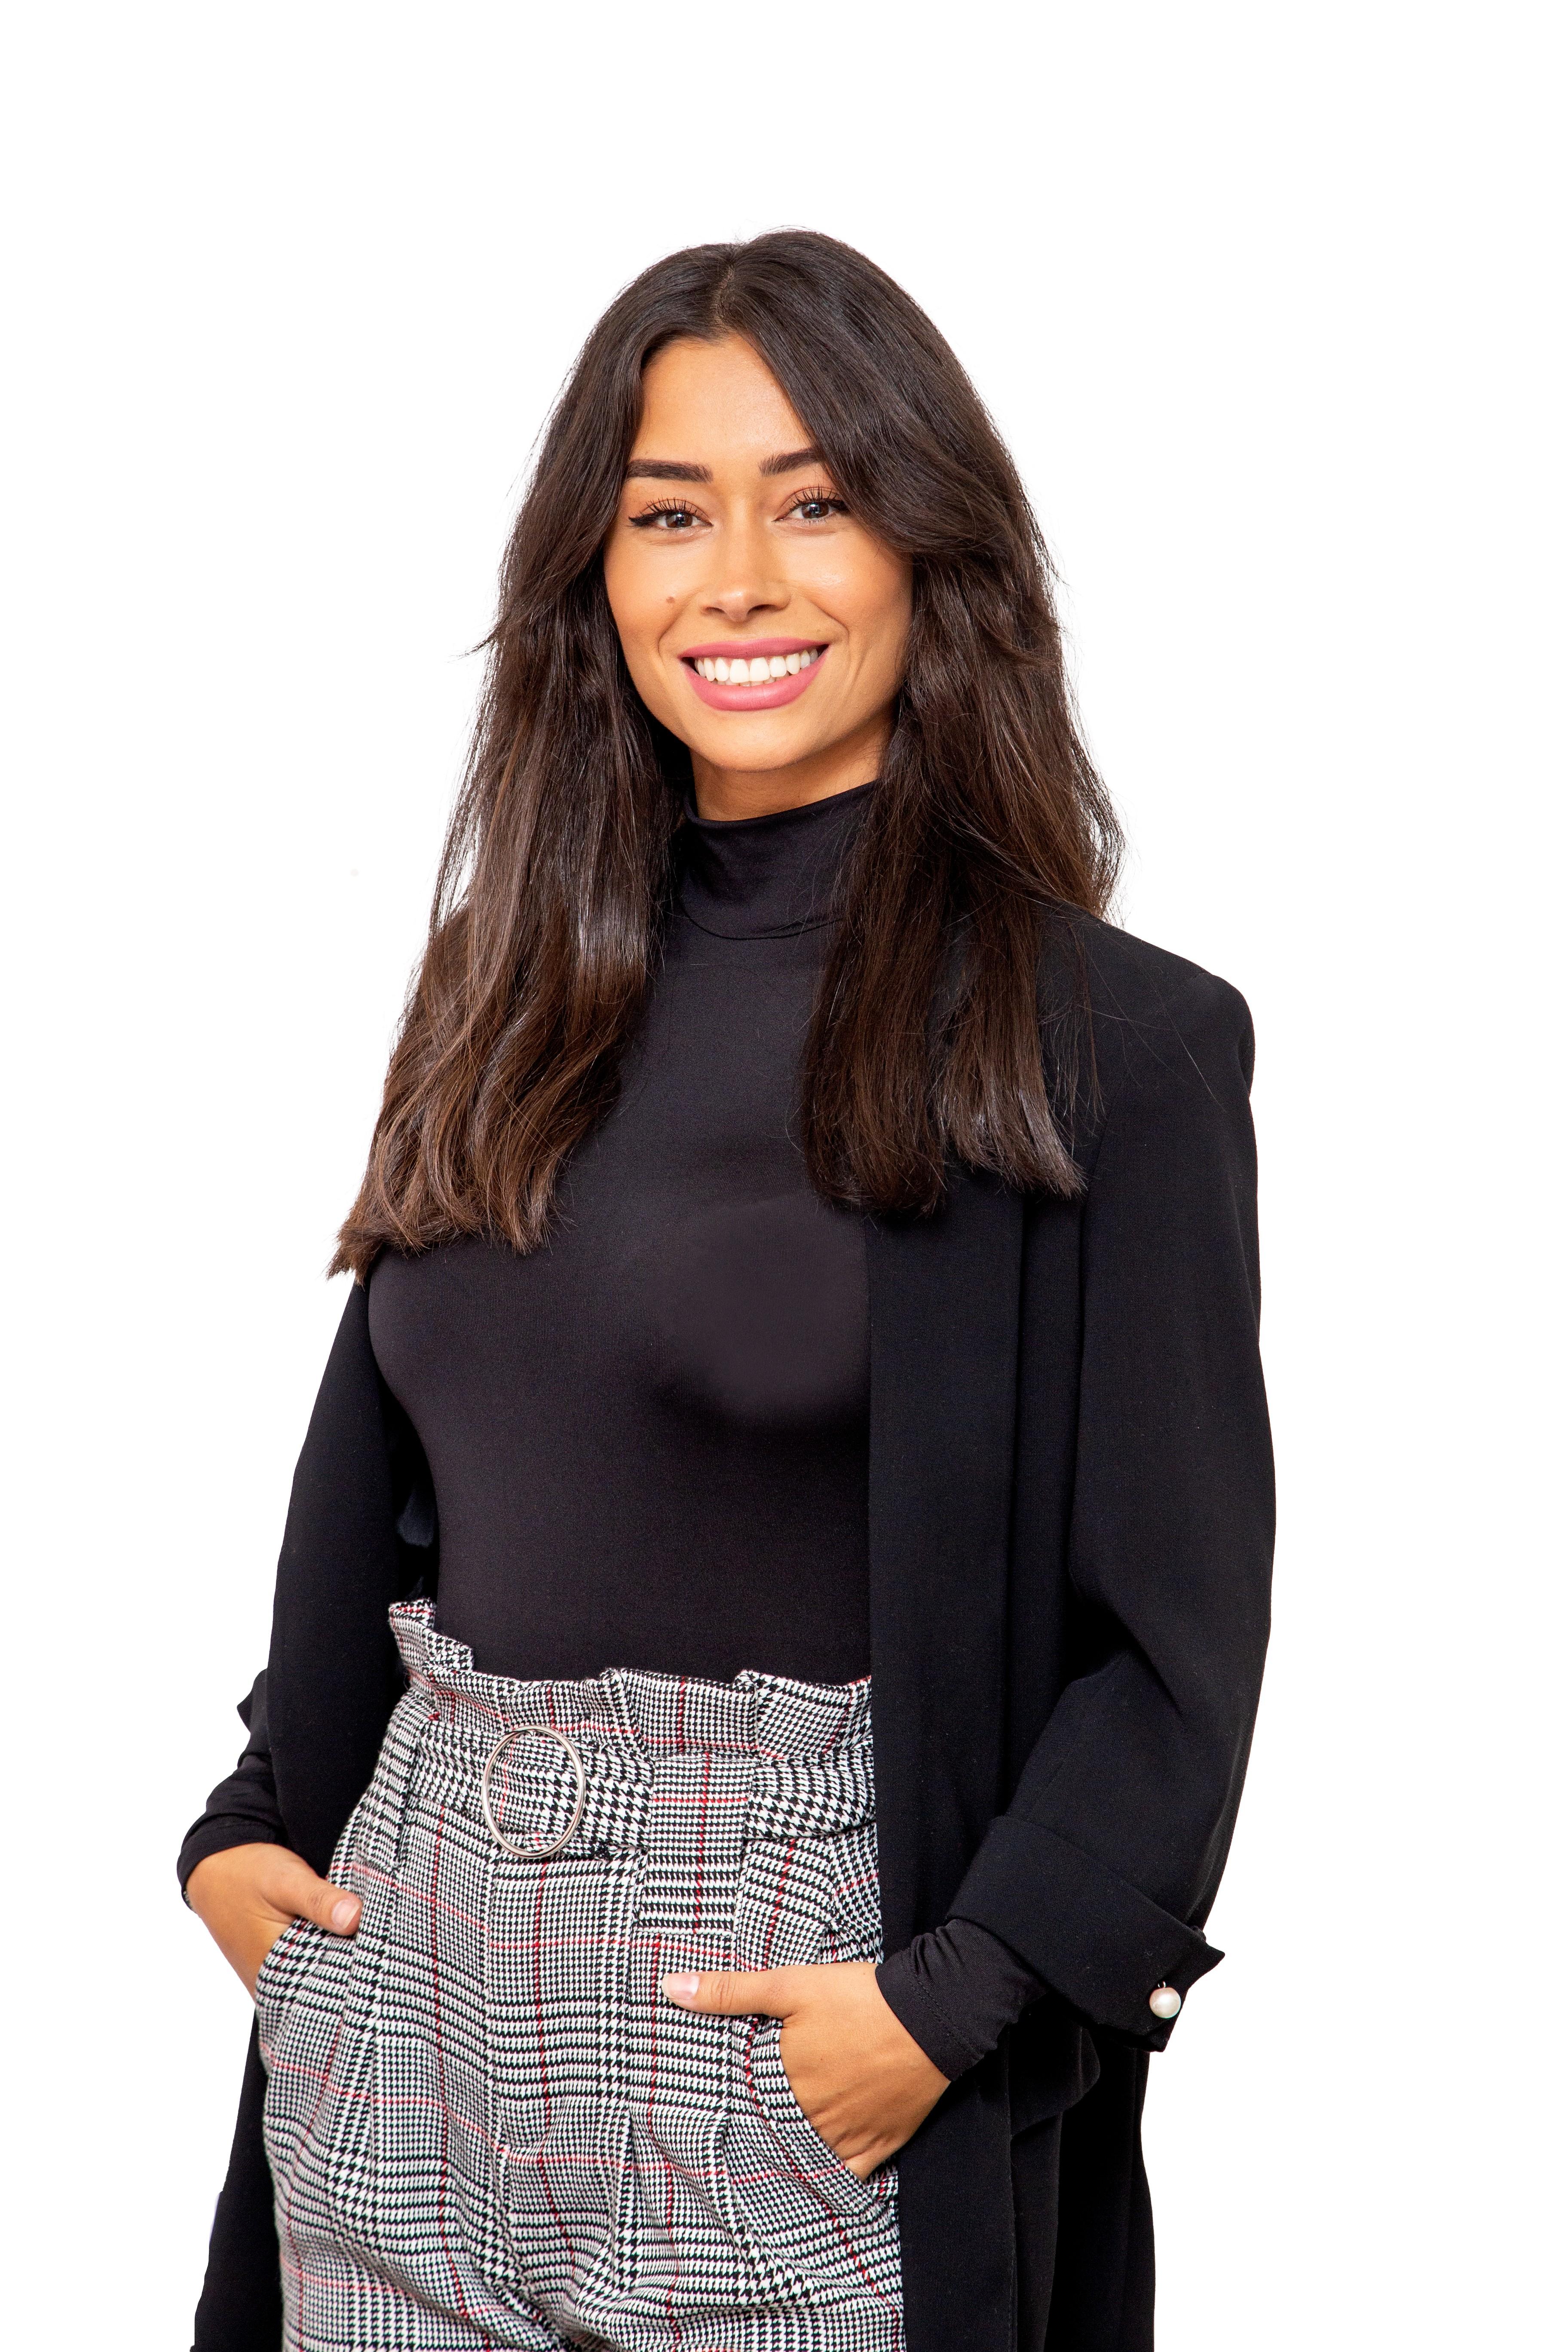 Isabella Delgado